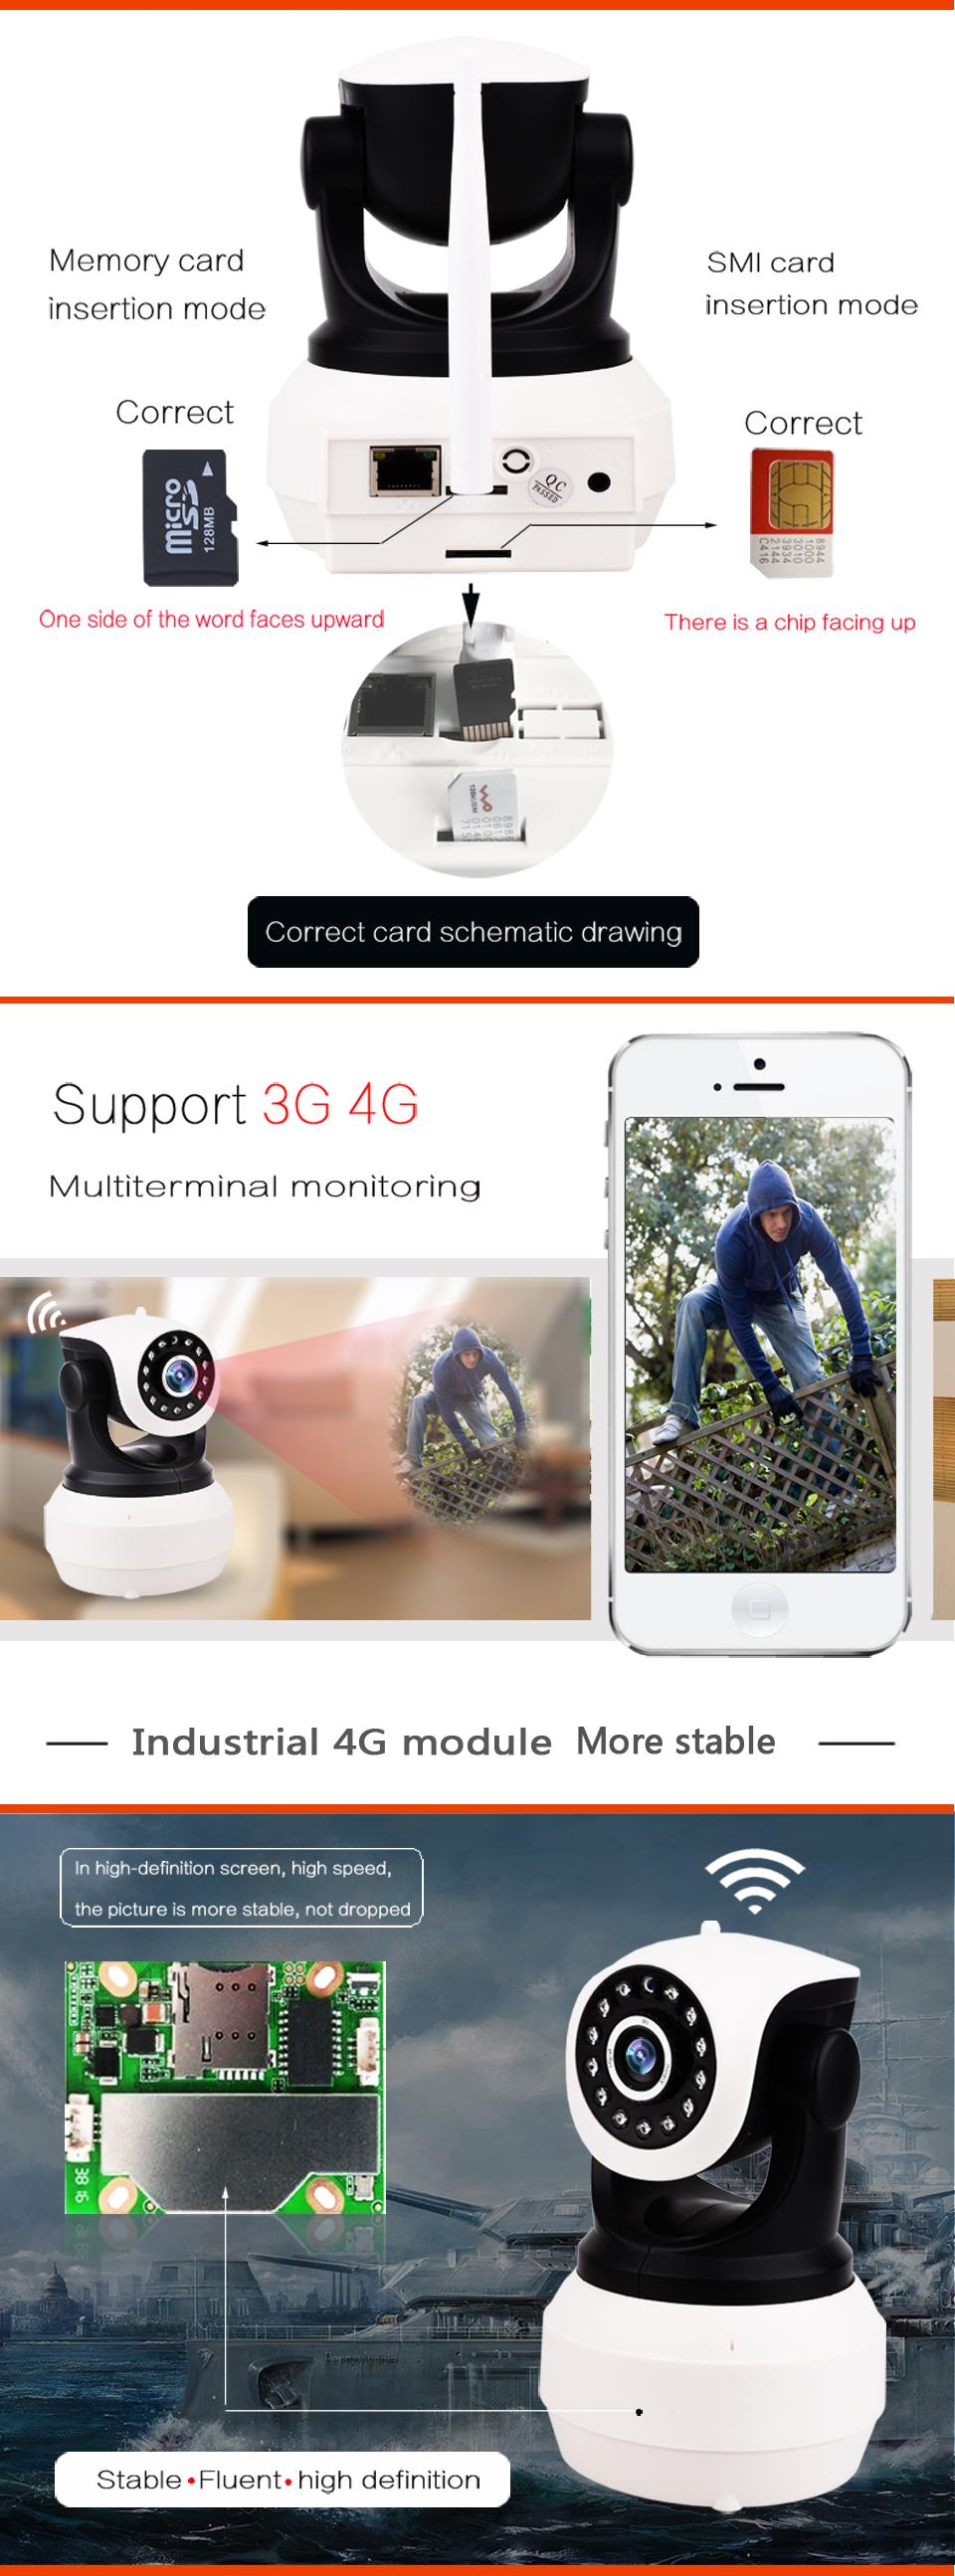 ワイヤレス Wifi 1080 720P の HD PTZ パンチルト IP カメラ GSM P2P ネットワークホームセキュリティカメラサポート 4 グラム SIM カード